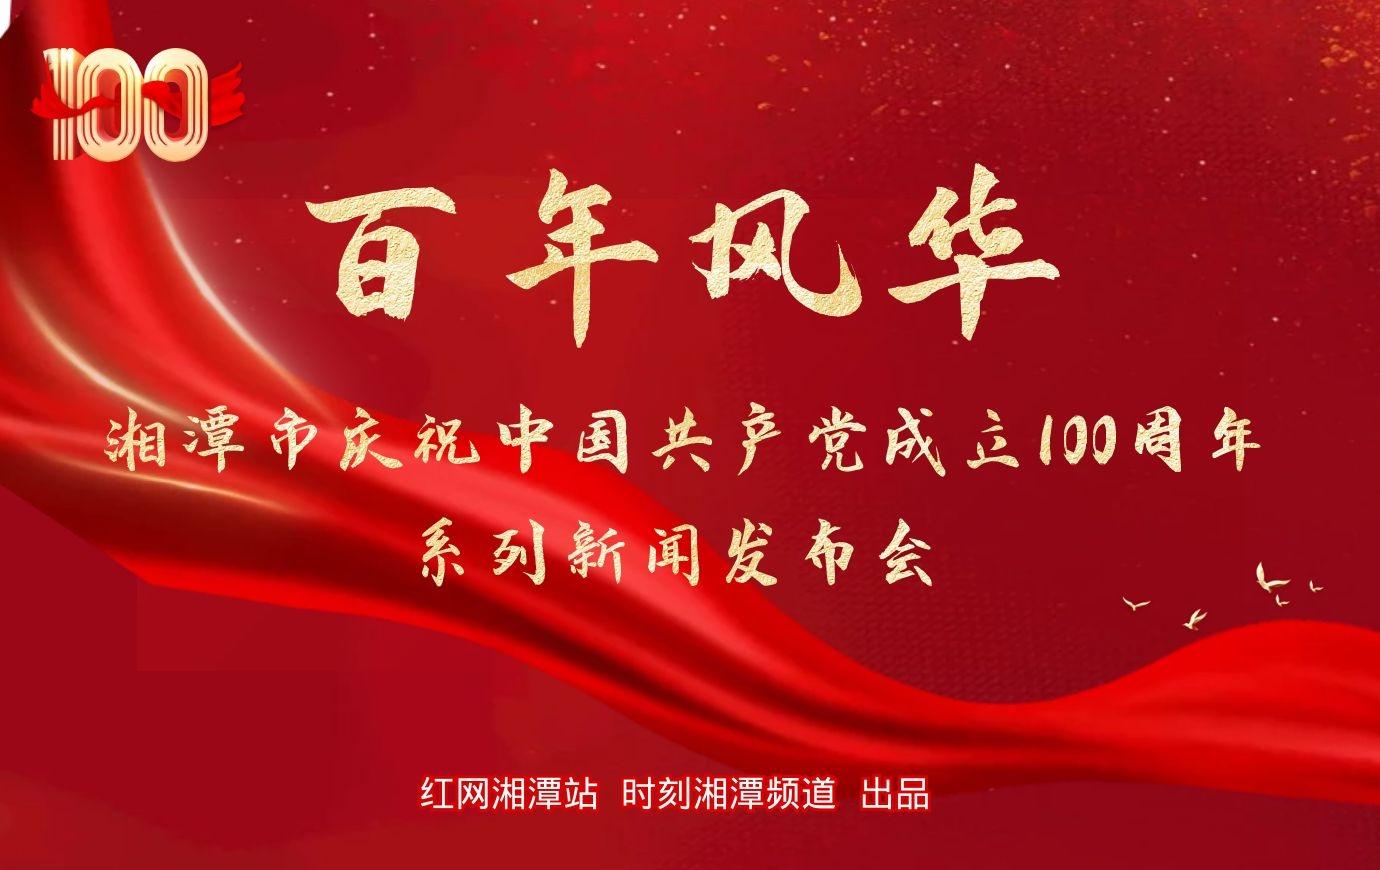 专题丨百年风华——香港经典三级,免费在线观看的黄片,a片毛片免费观看,夫妻性生活影片市庆祝中国共产党成立100周年系列新闻发布会